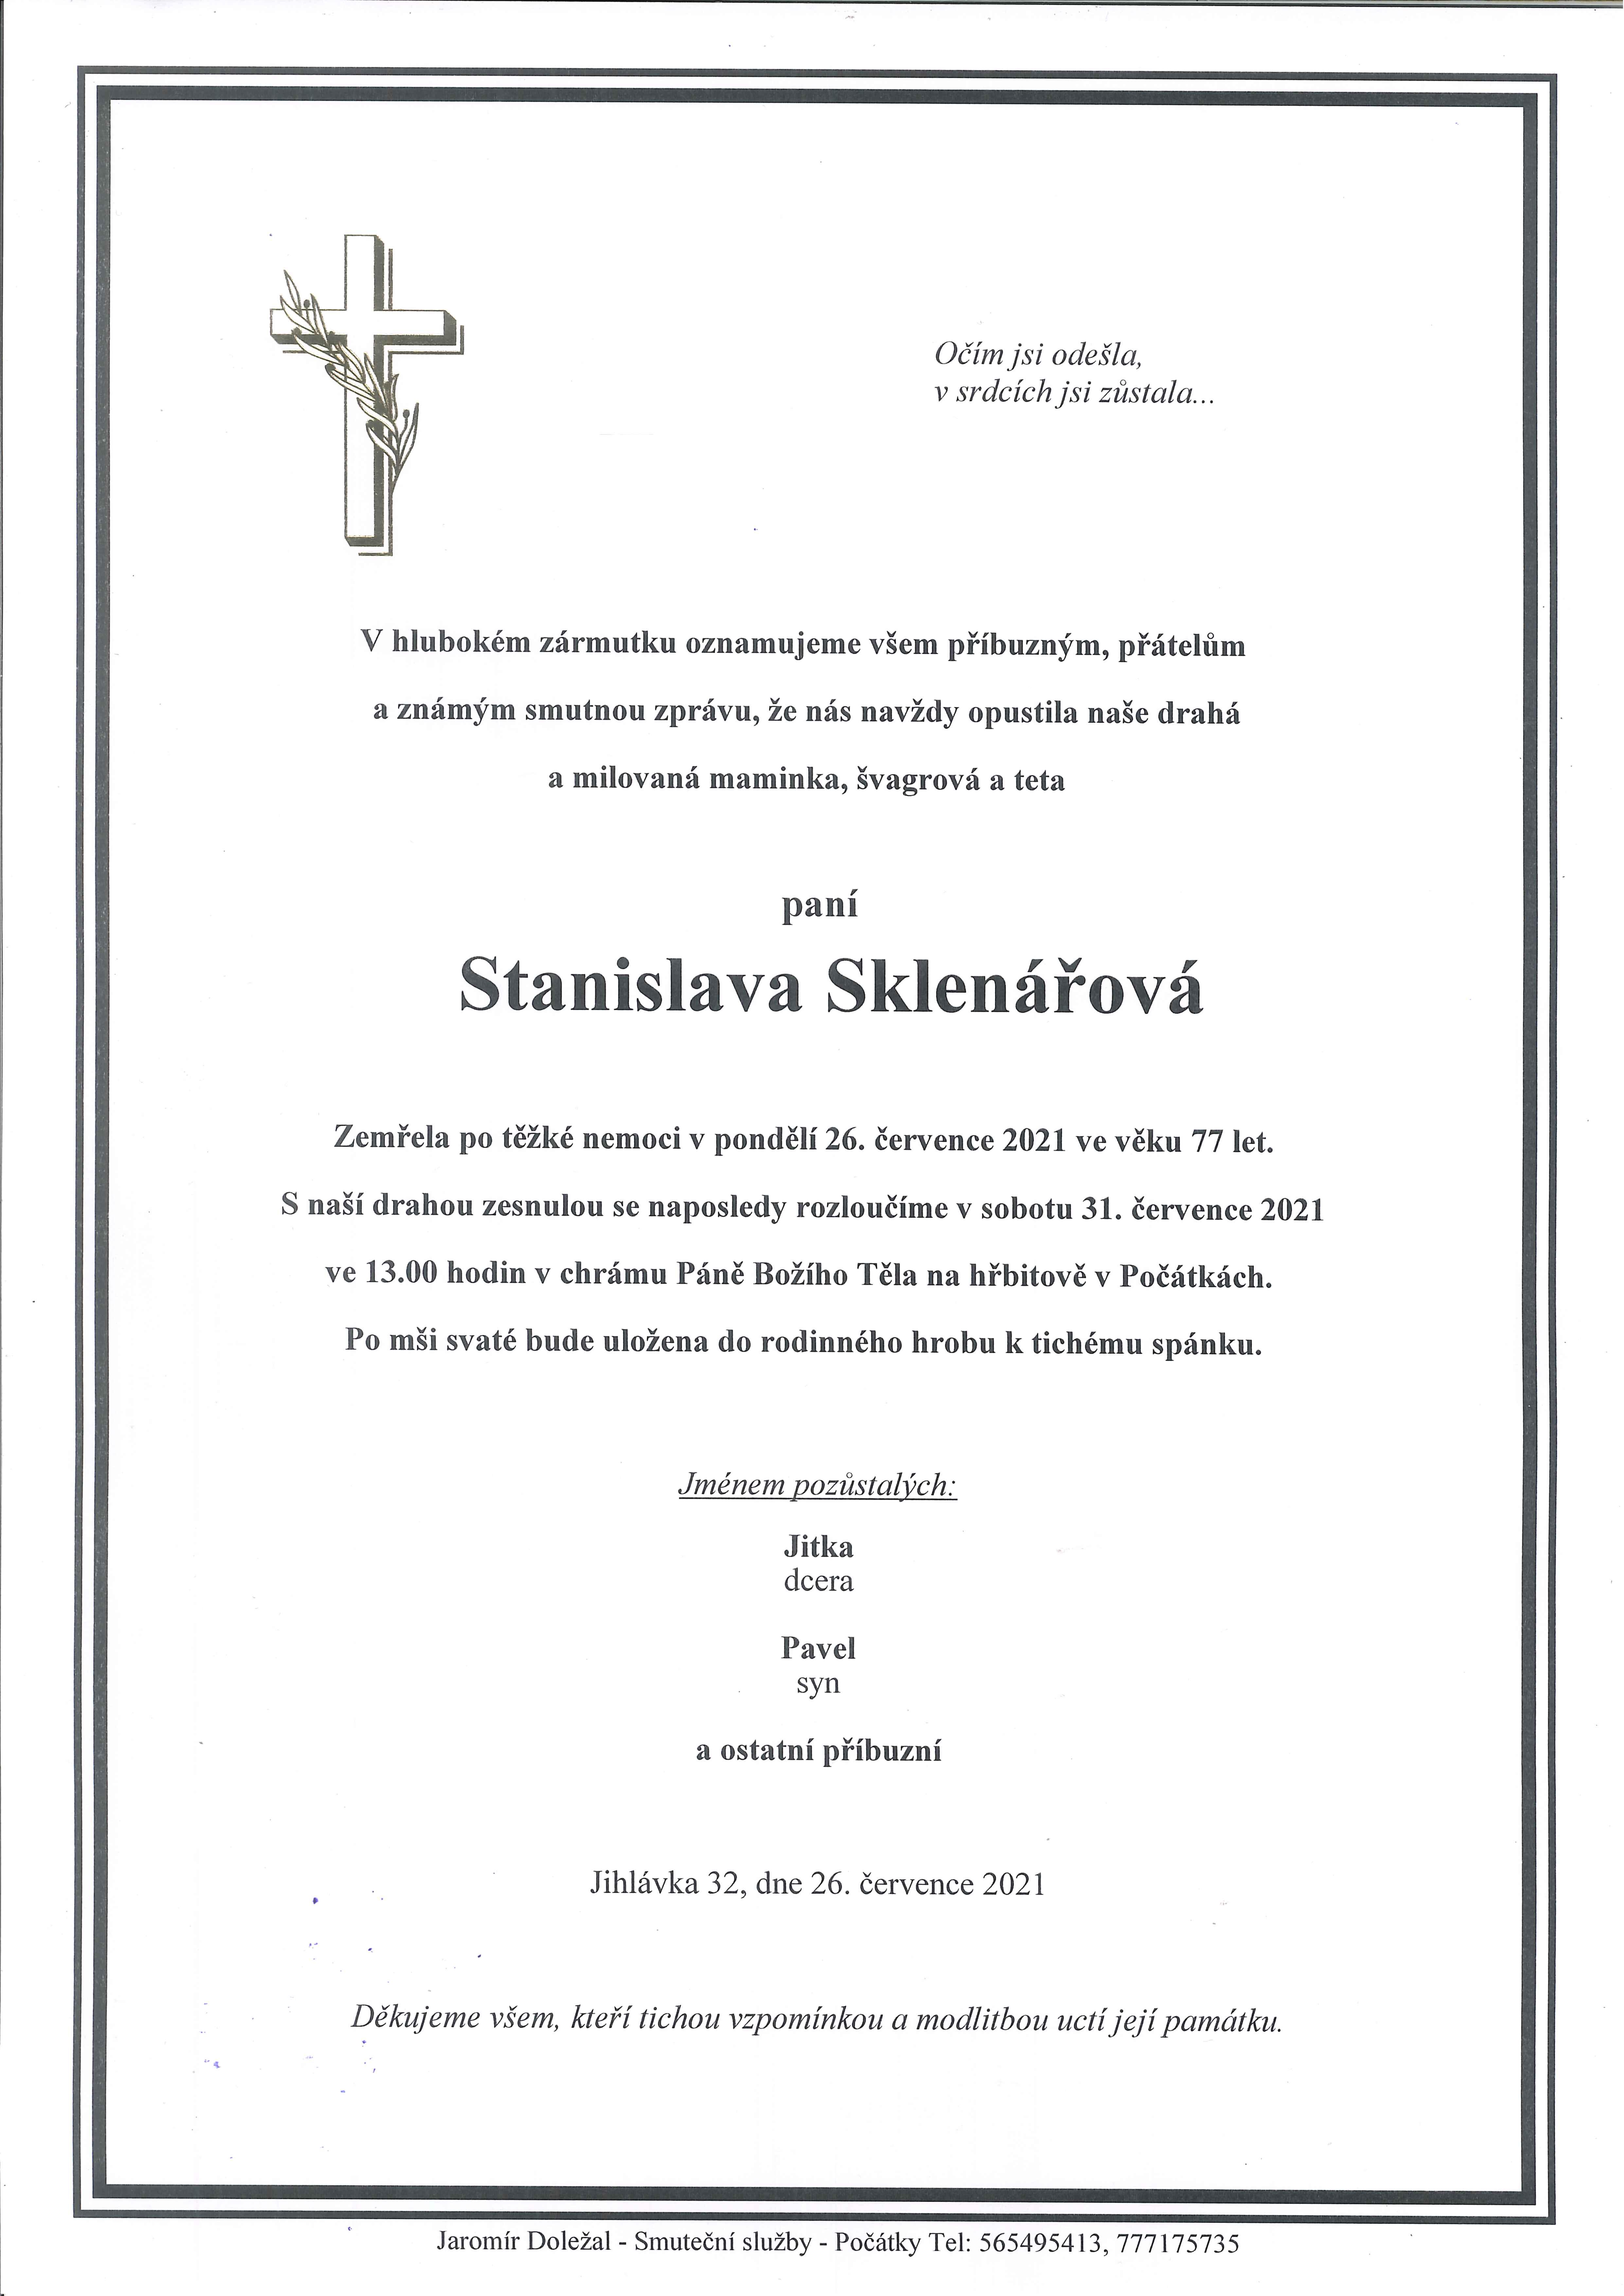 Stanislava Sklenářová